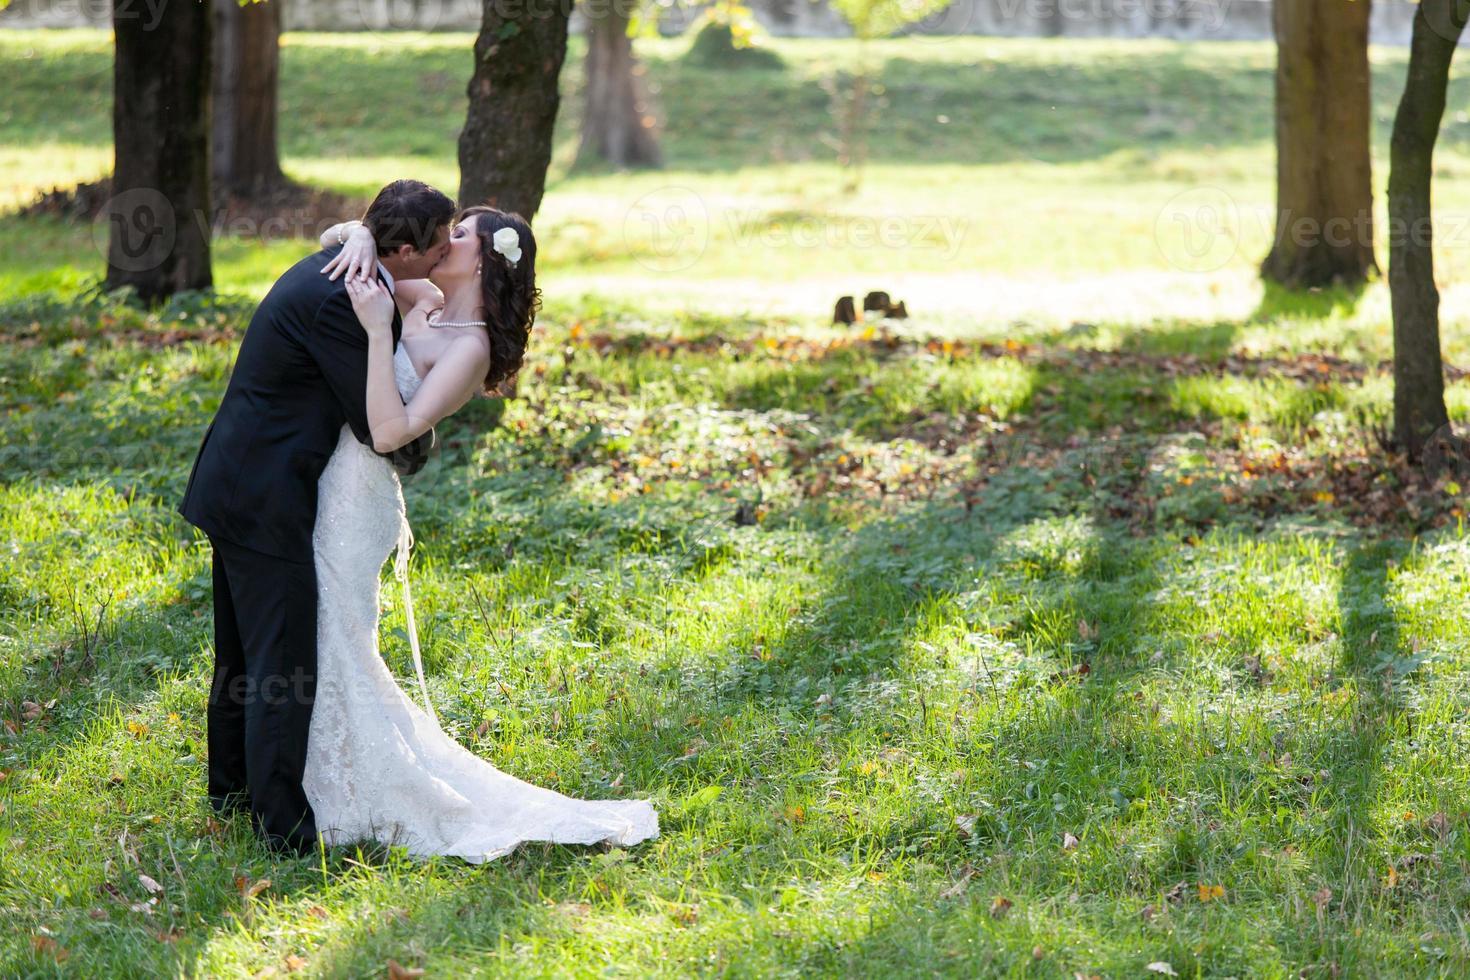 elegant brud och brudgum som poserar tillsammans utomhus foto